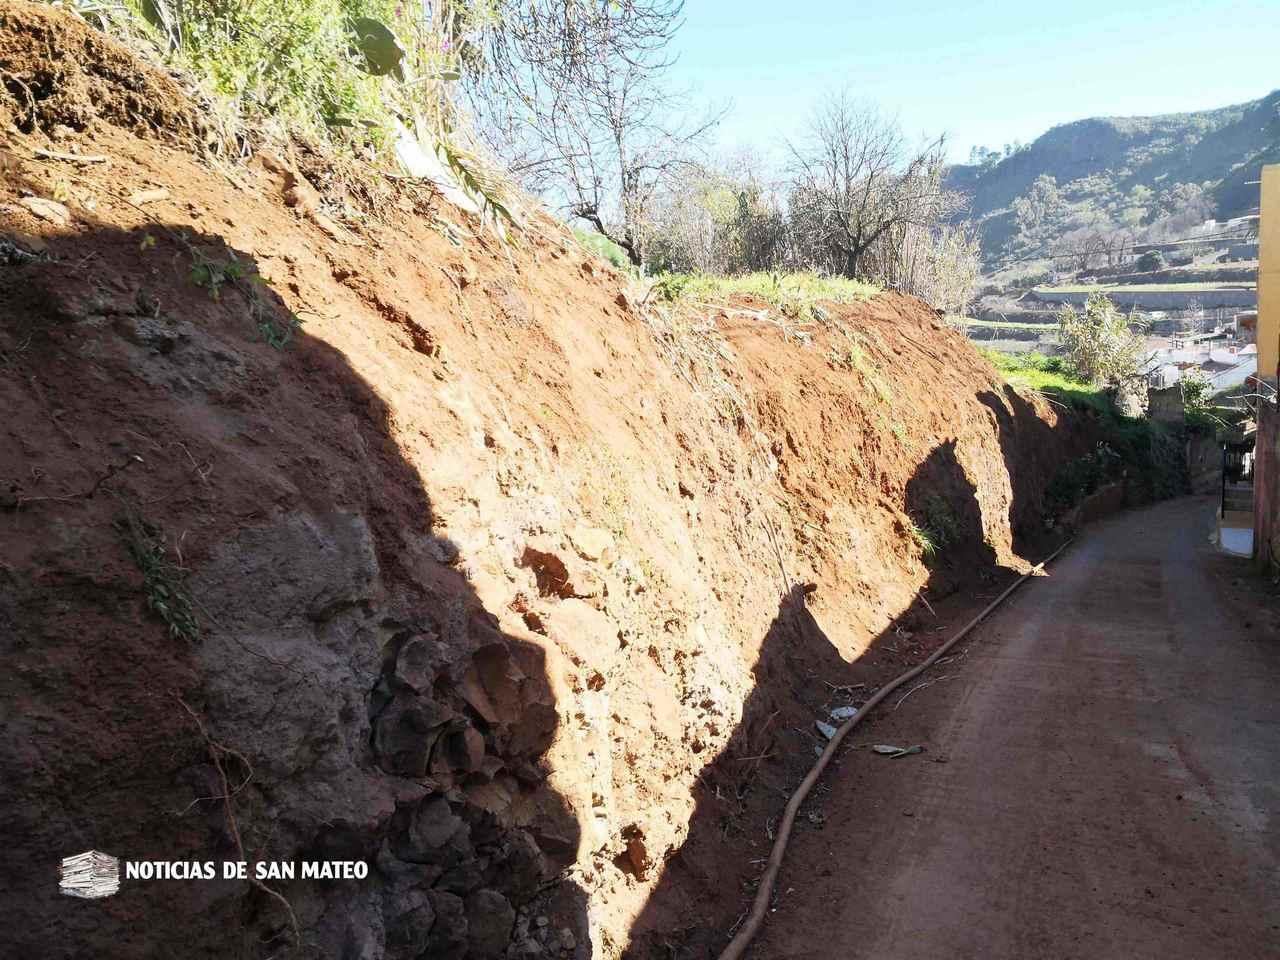 Tareas de limpieza pre asfaltado en El Solapon La Higuera San Mateo Noticias de San Mateo